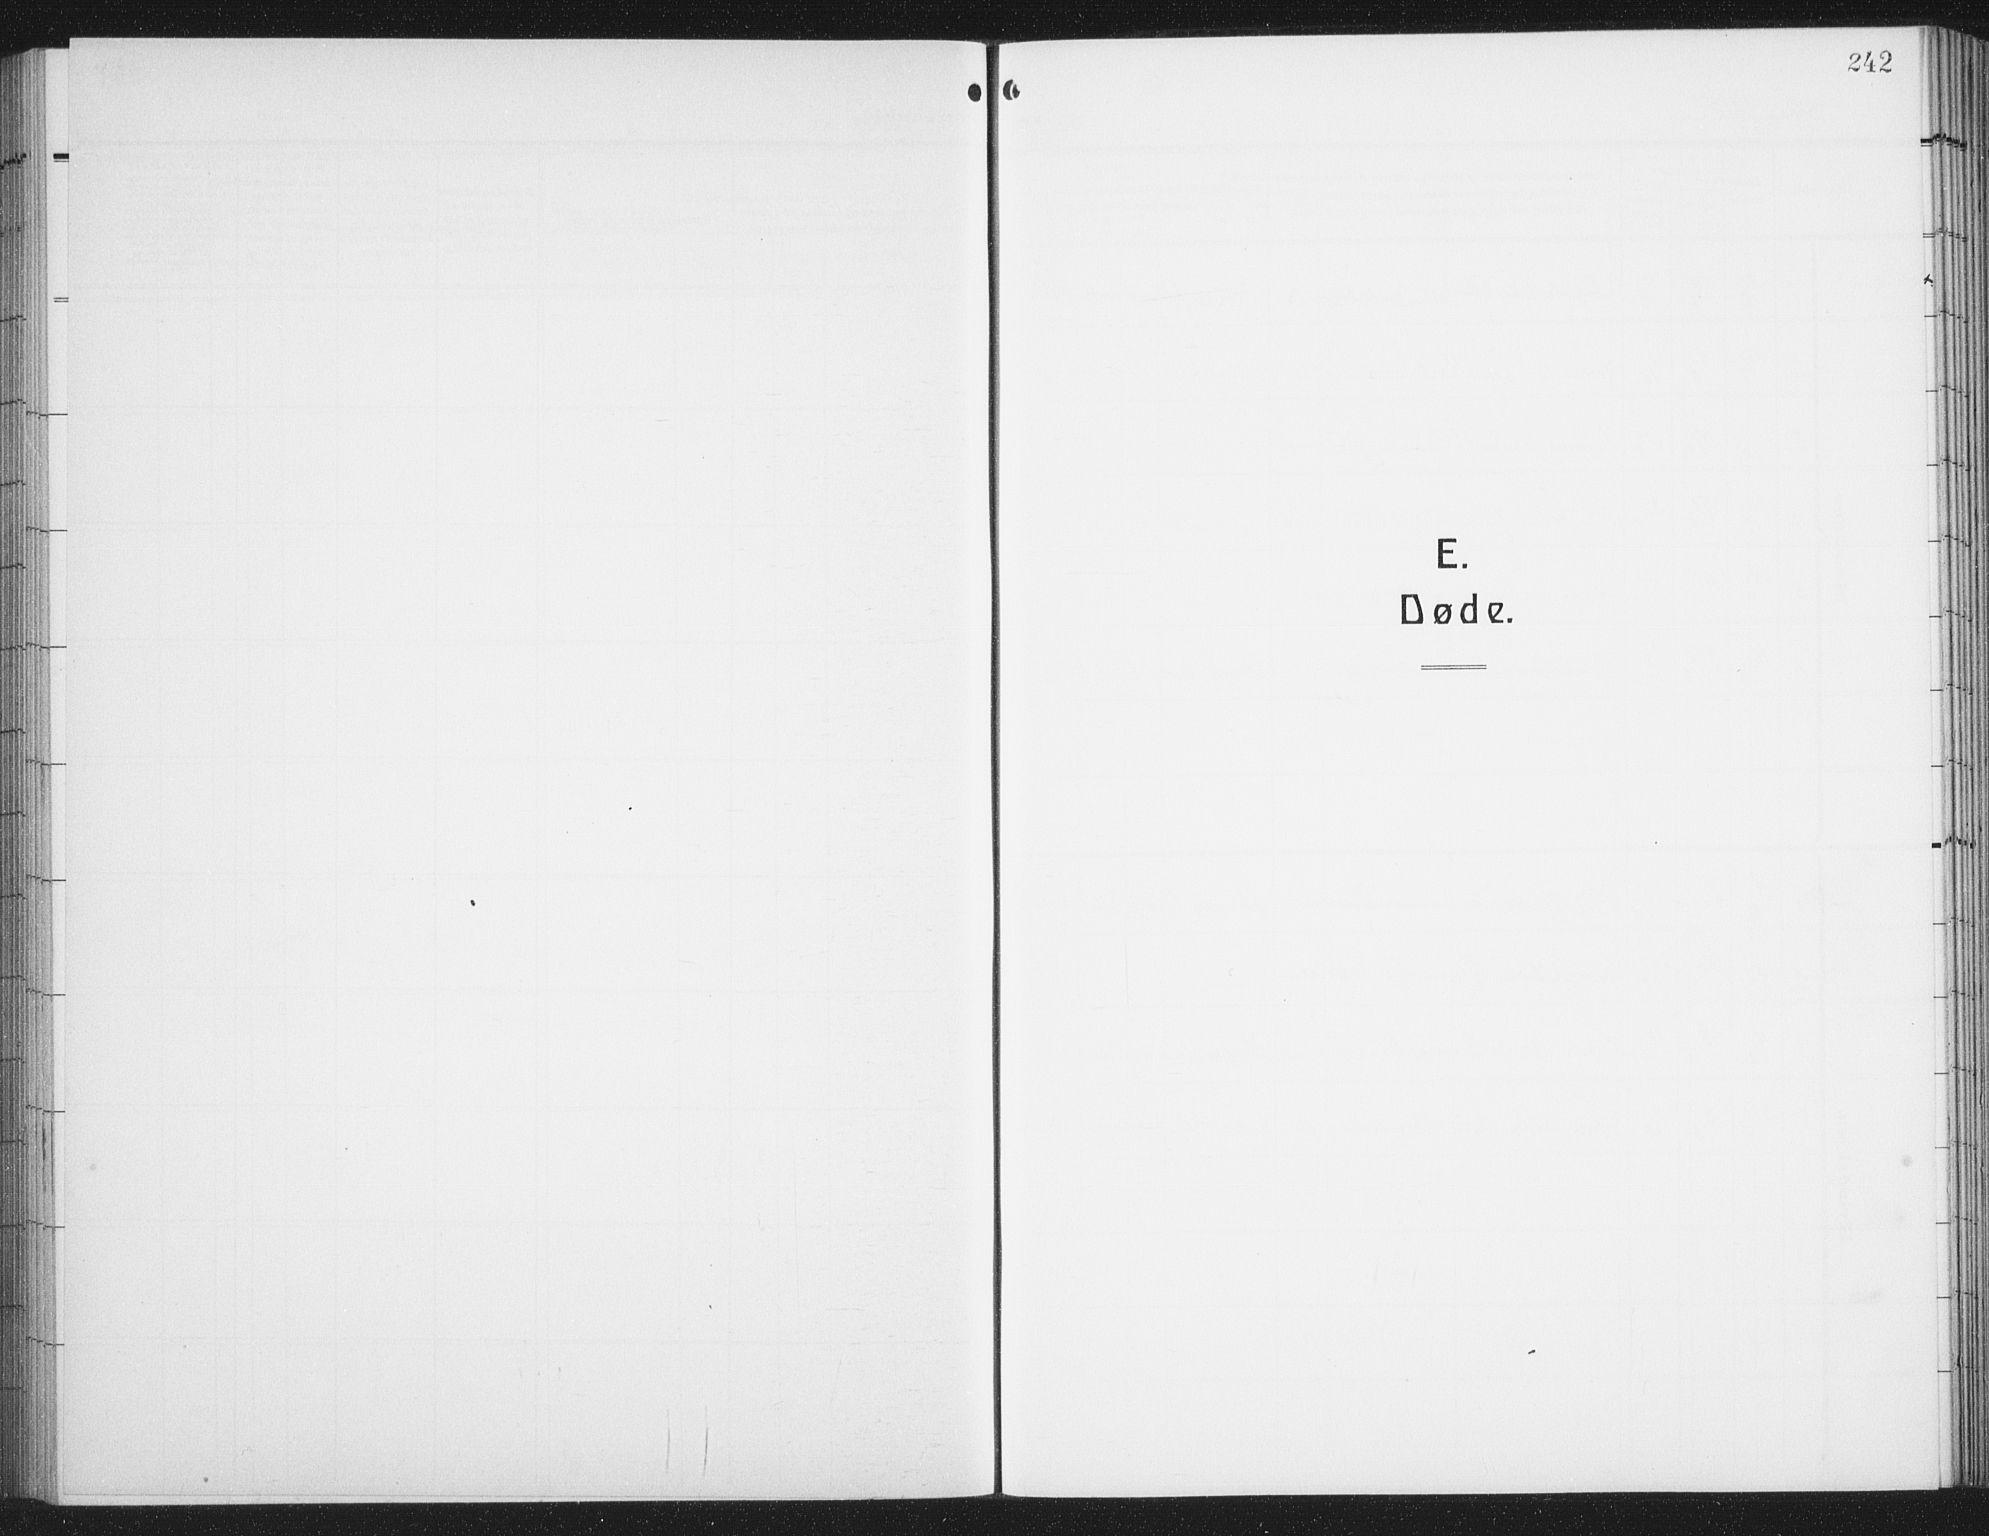 SAT, Ministerialprotokoller, klokkerbøker og fødselsregistre - Nordland, 876/L1106: Parish register (copy) no. 876C05, 1915-1942, p. 242